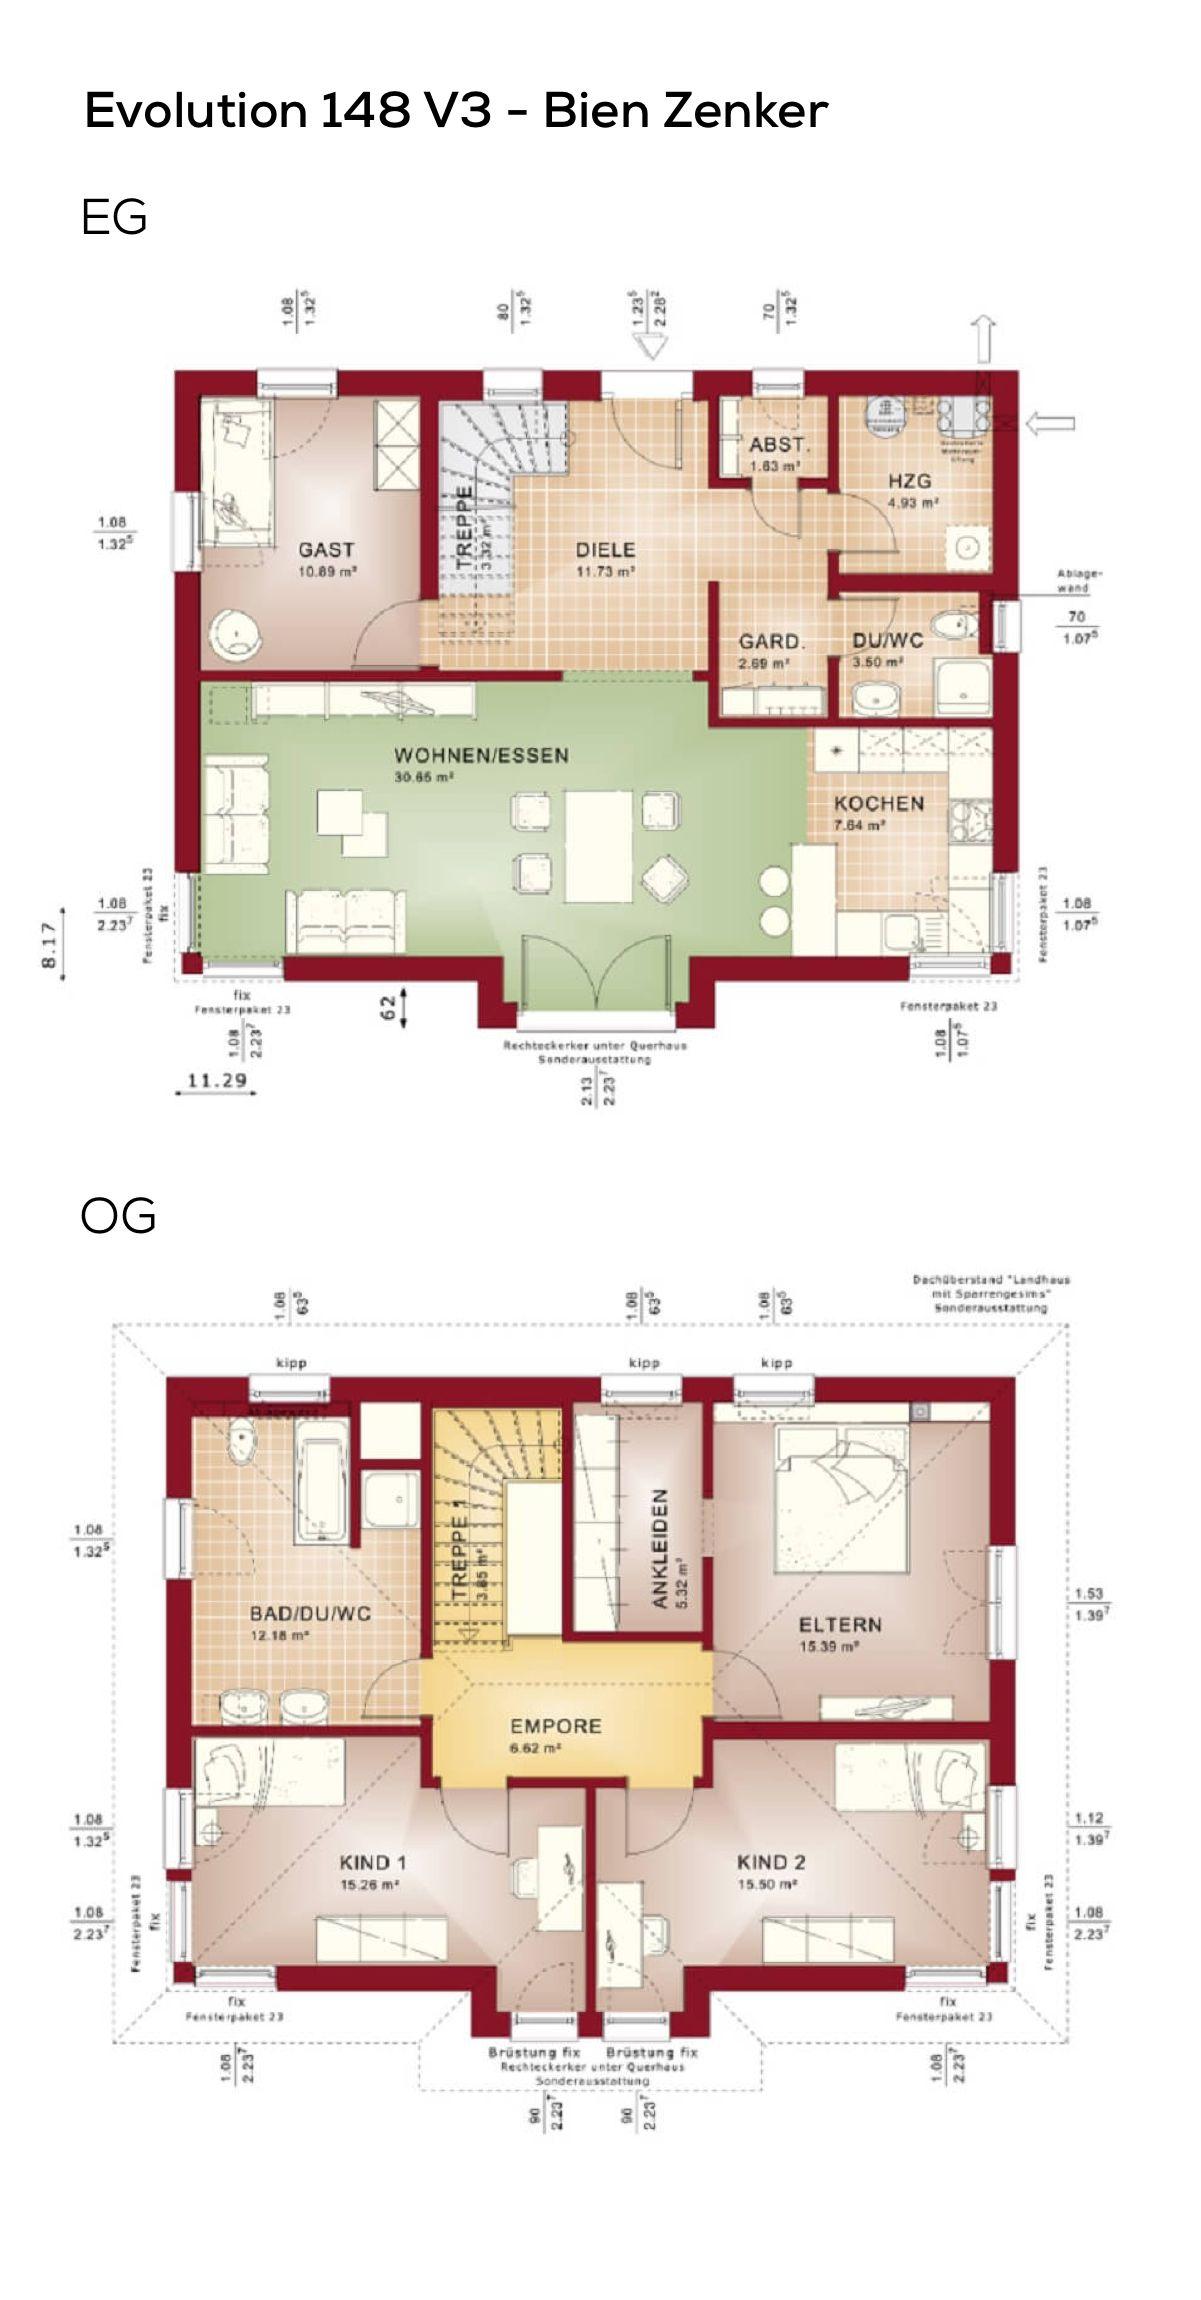 stadtvilla grundriss modern mit walmdach architektur 5 zimmer 150 qm wohnfl che erdgeschoss. Black Bedroom Furniture Sets. Home Design Ideas